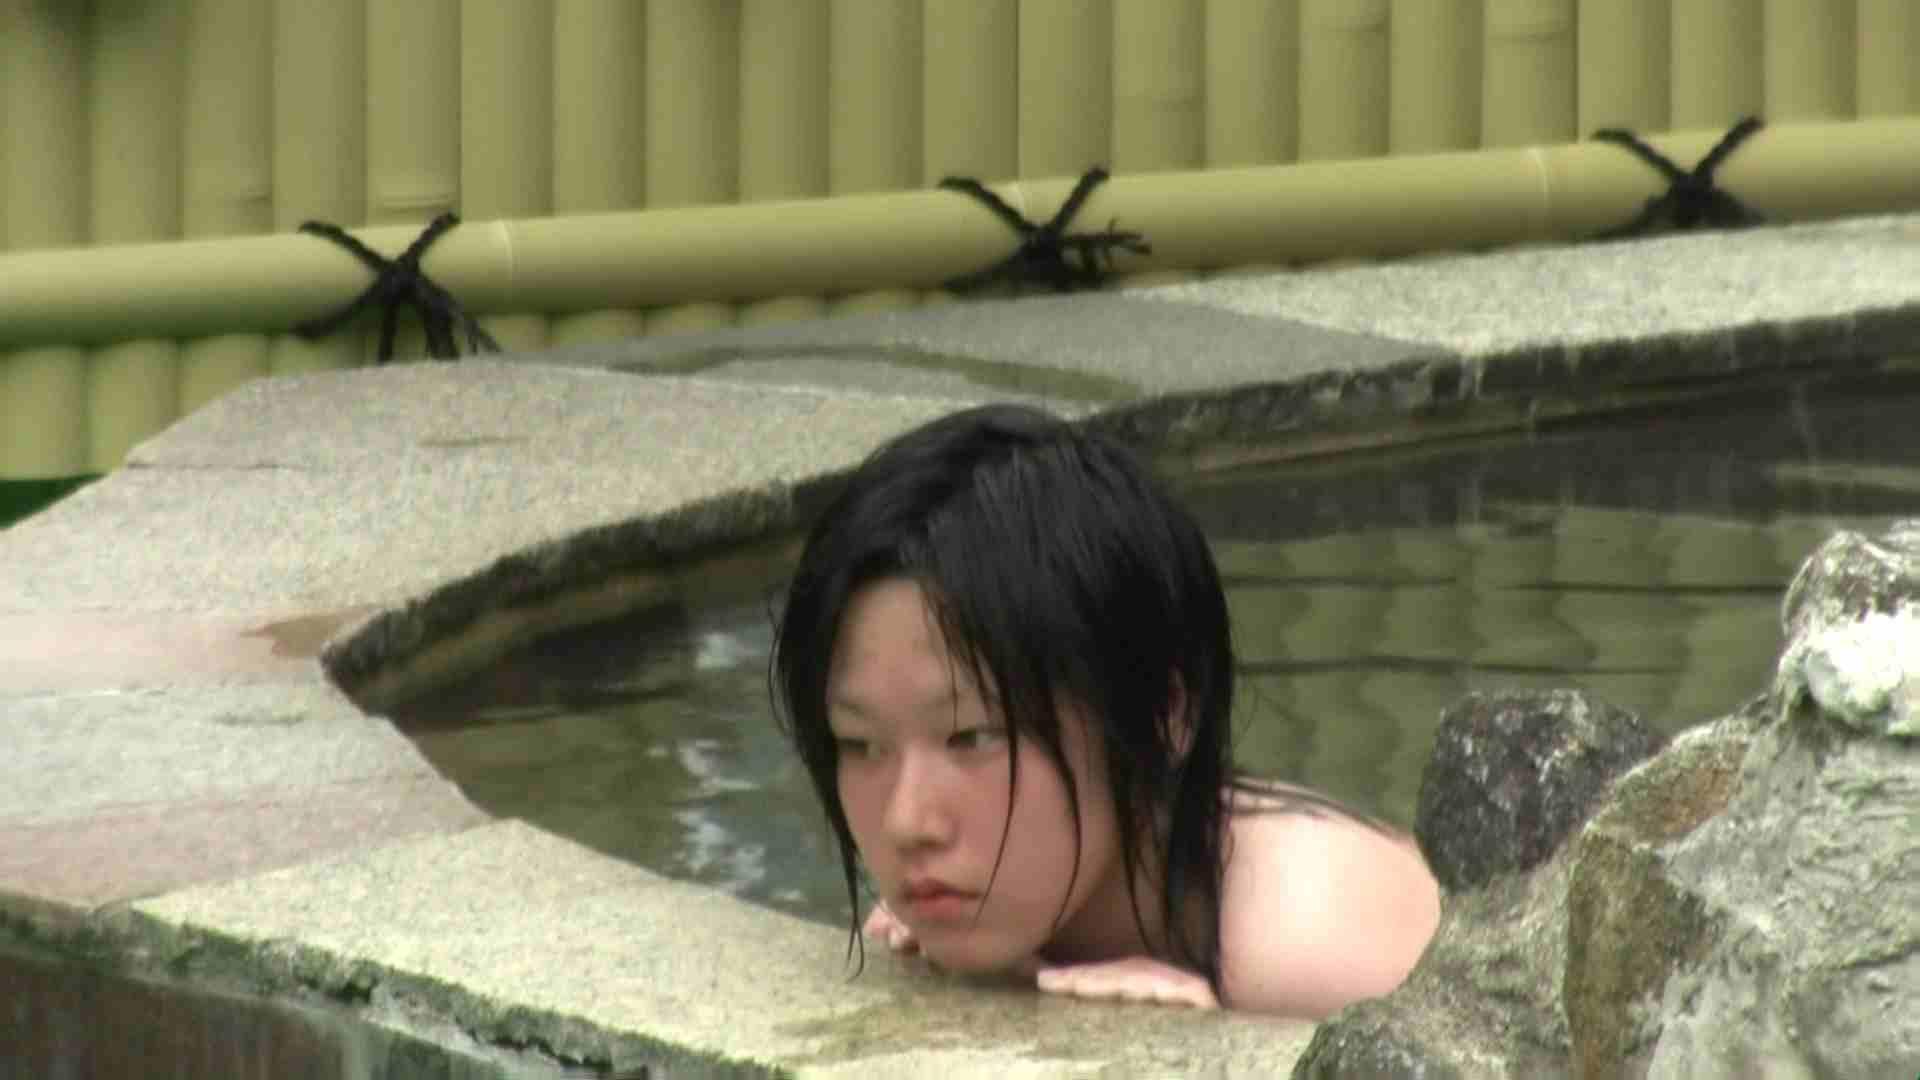 Aquaな露天風呂Vol.36 OL女体   女体盗撮  78連発 7